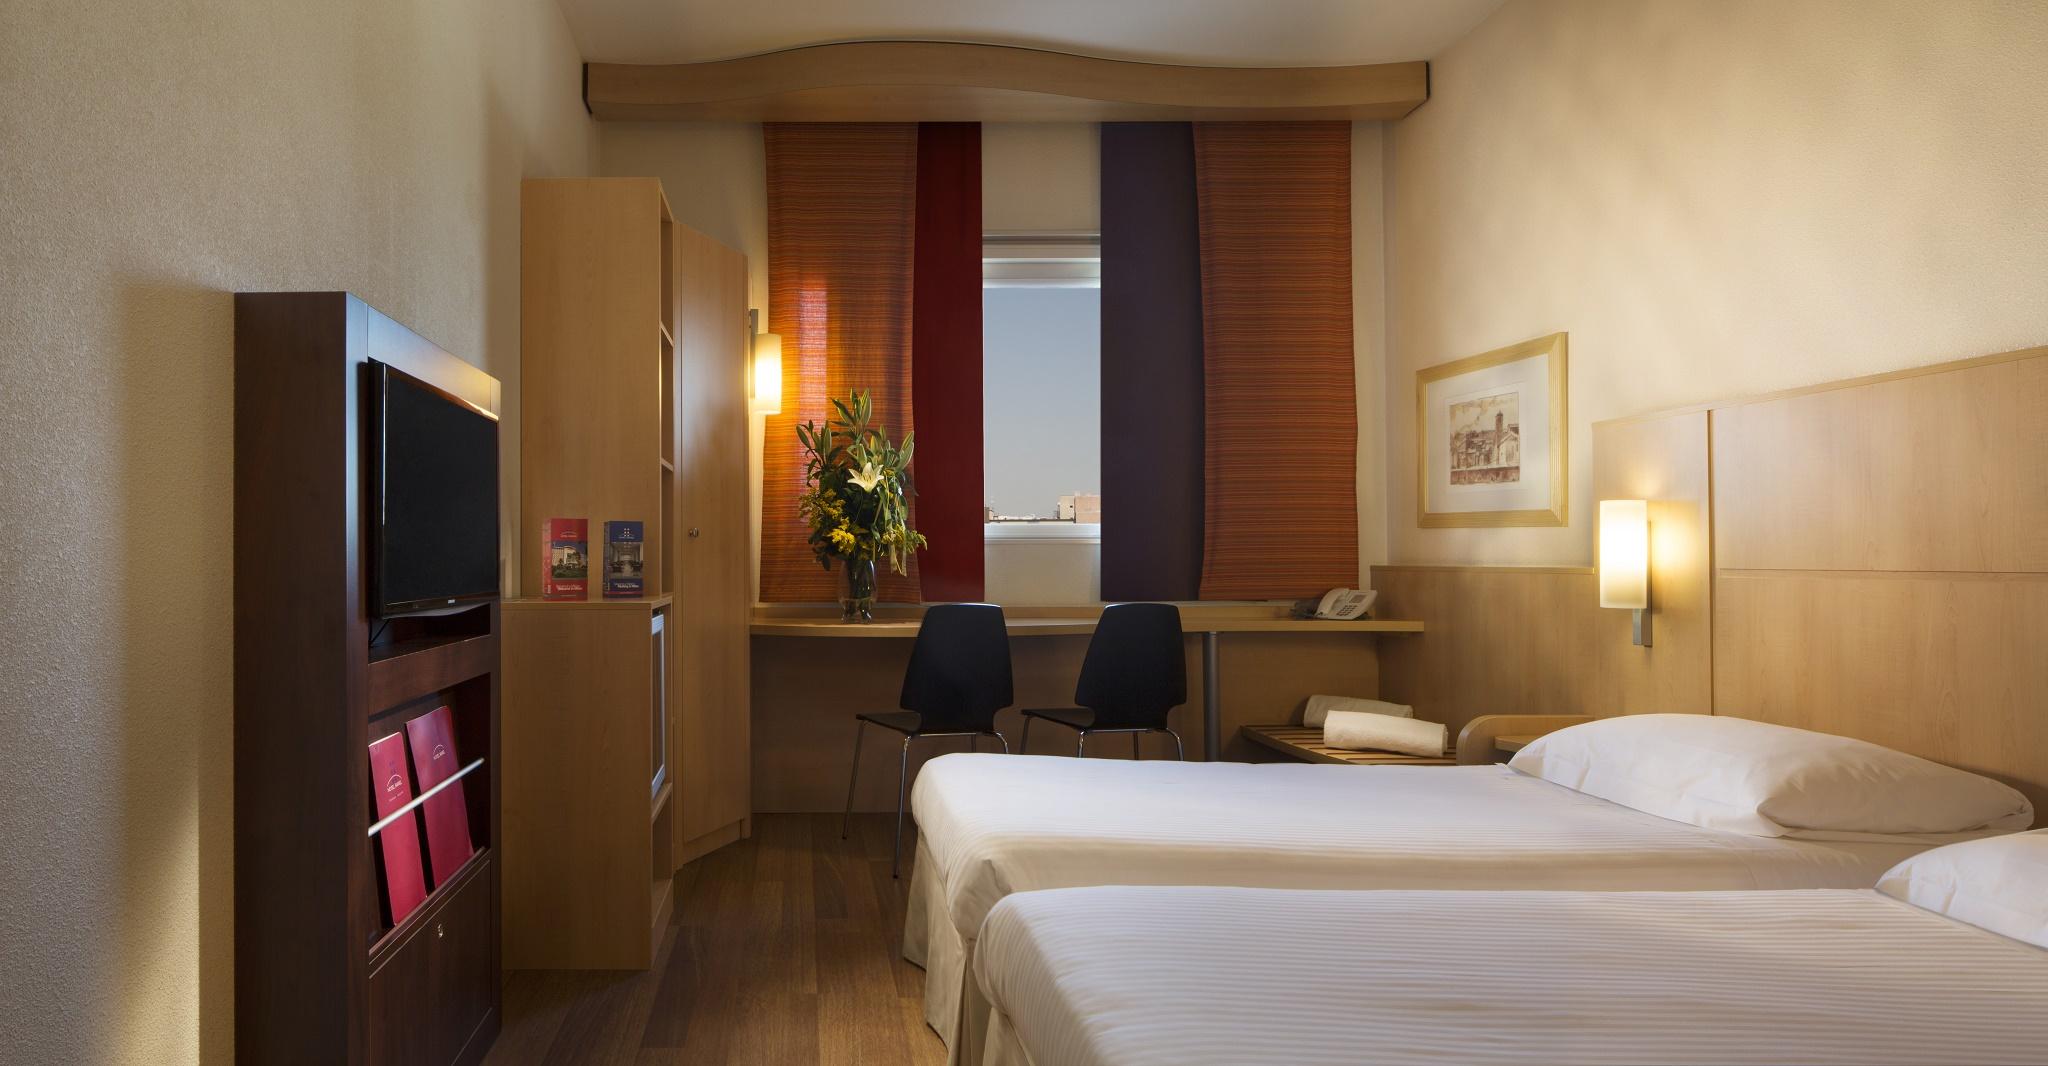 Hotel Rafael Milano Contatti